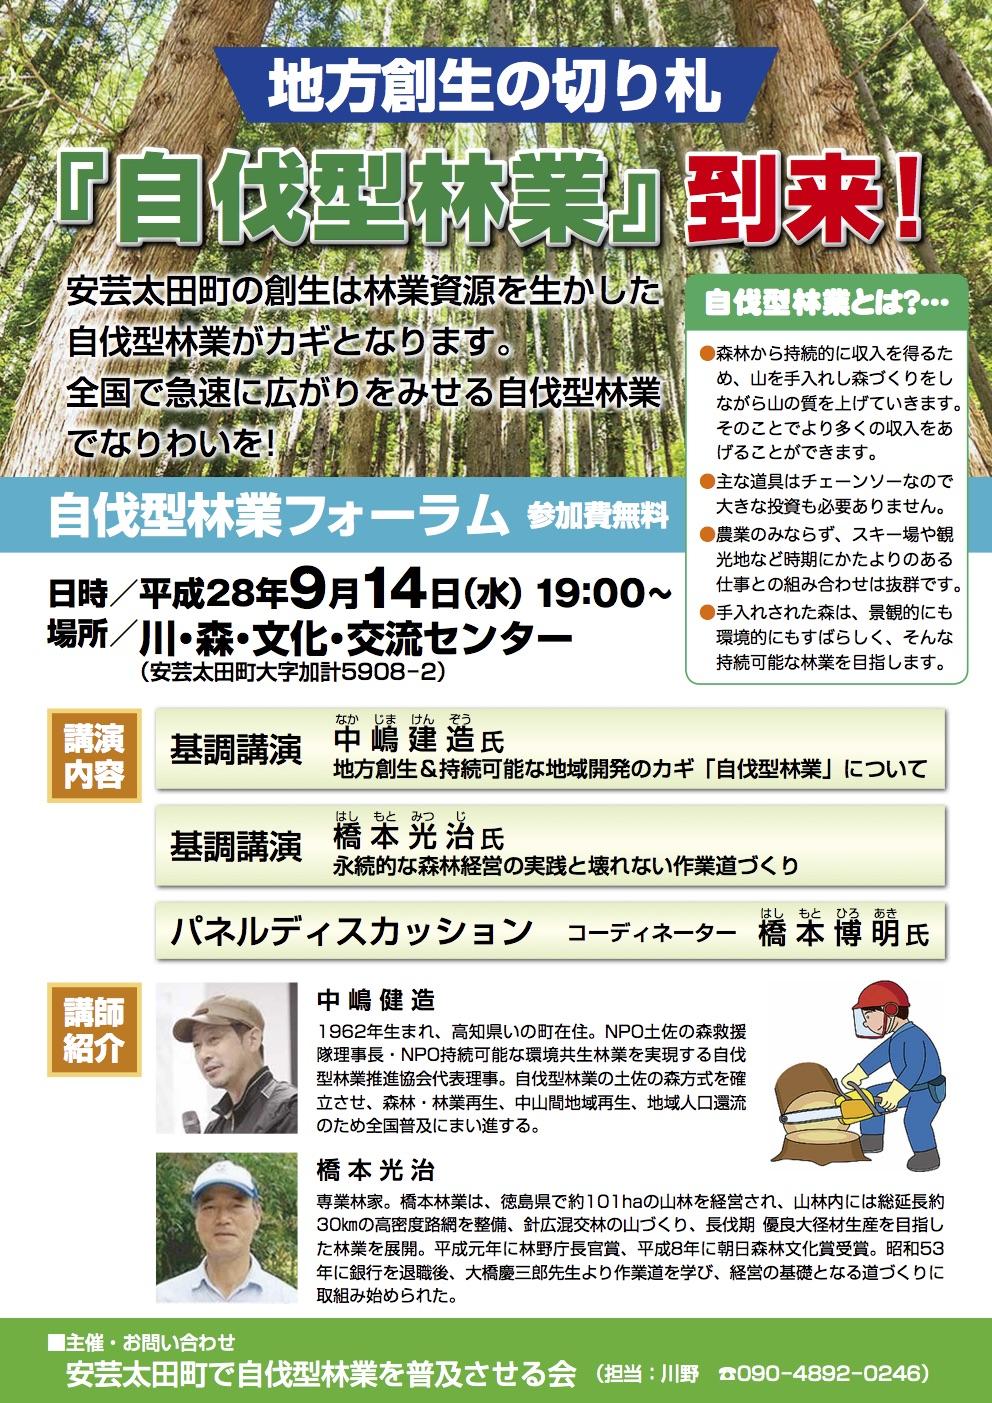 9月14日 安芸太田町で自伐型林業フォーラム開催!